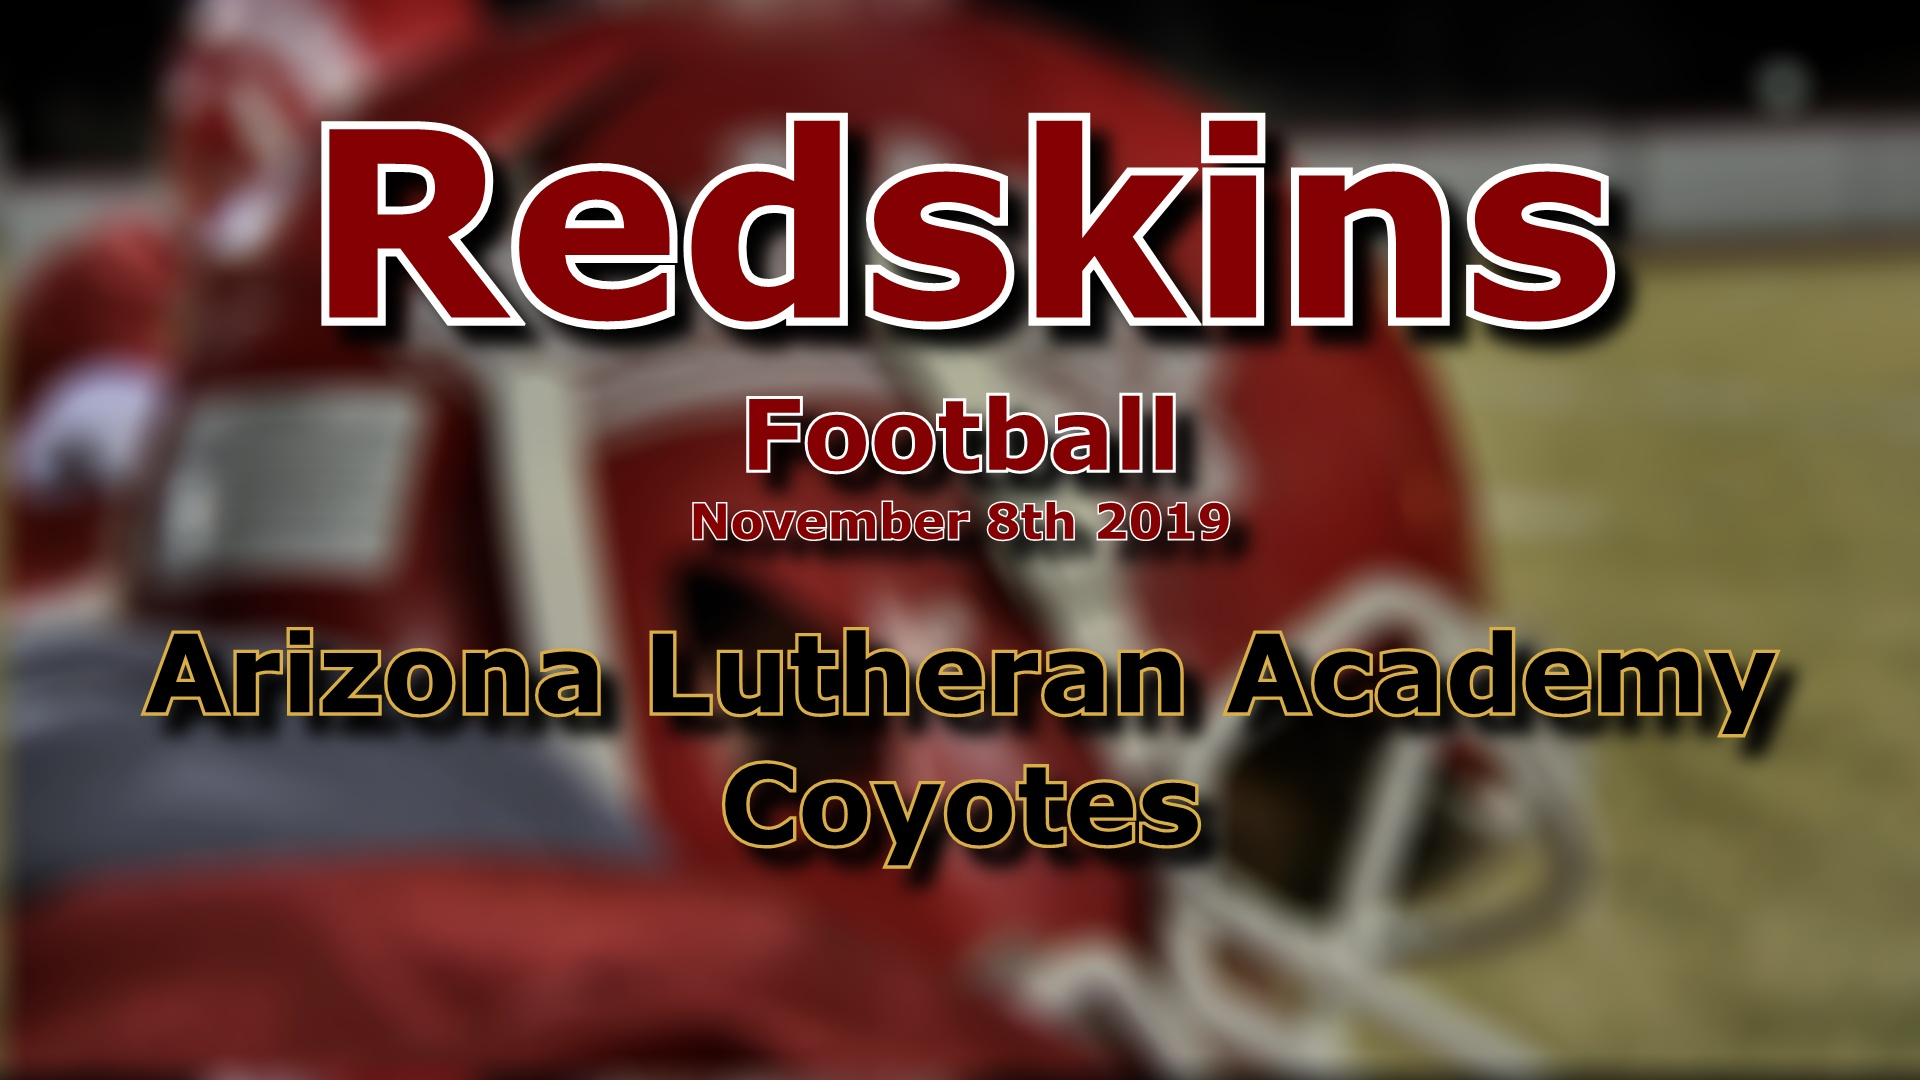 2019-11-Football-ArizonaLuthAcad